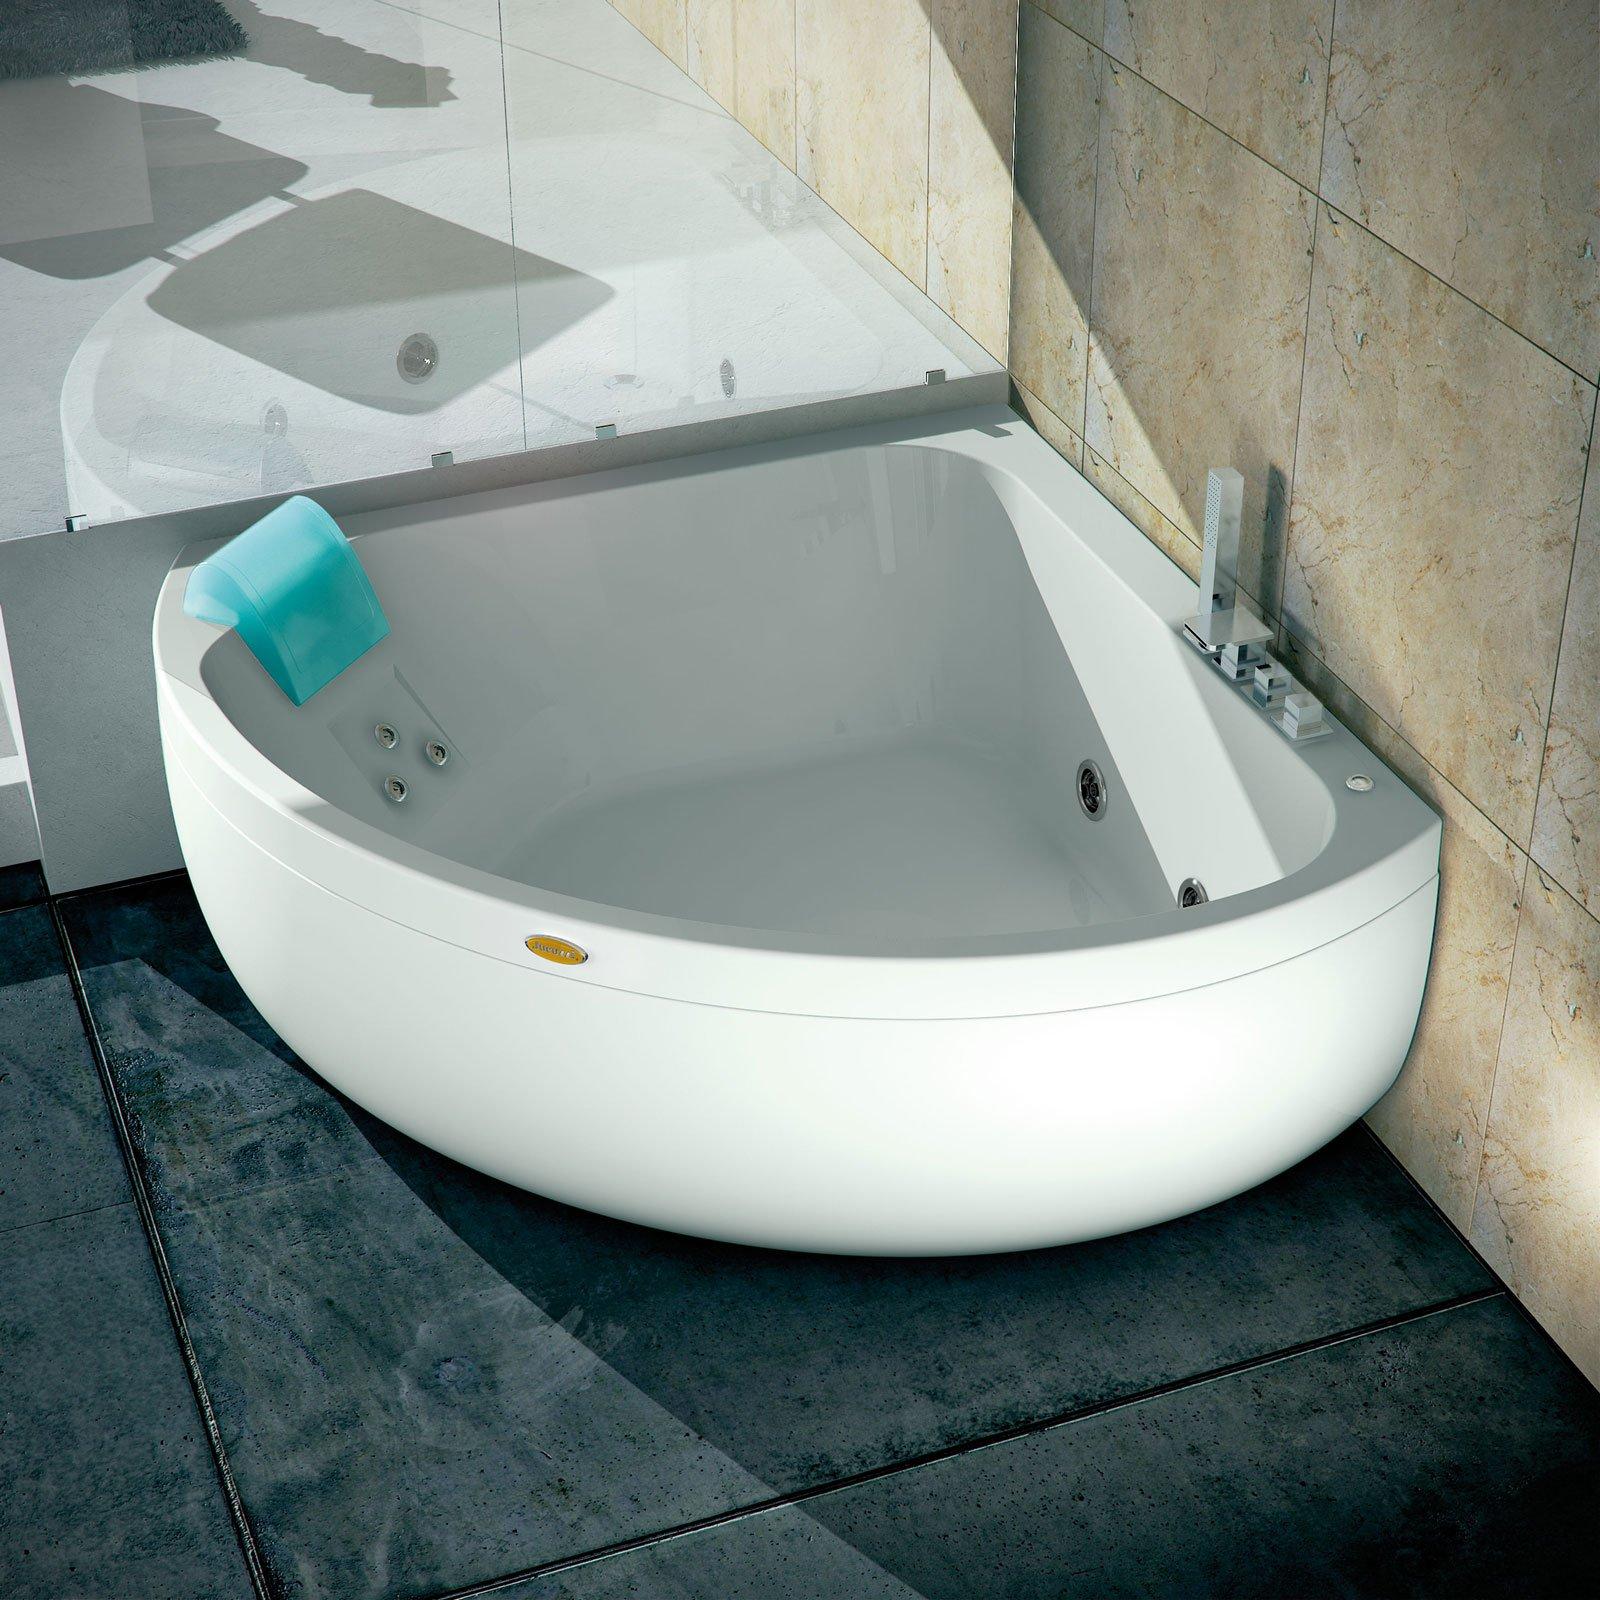 Vasche da bagno in acrilico leggere e antiscivolo hanno - Vasche da bagno sovrapposte prezzi ...